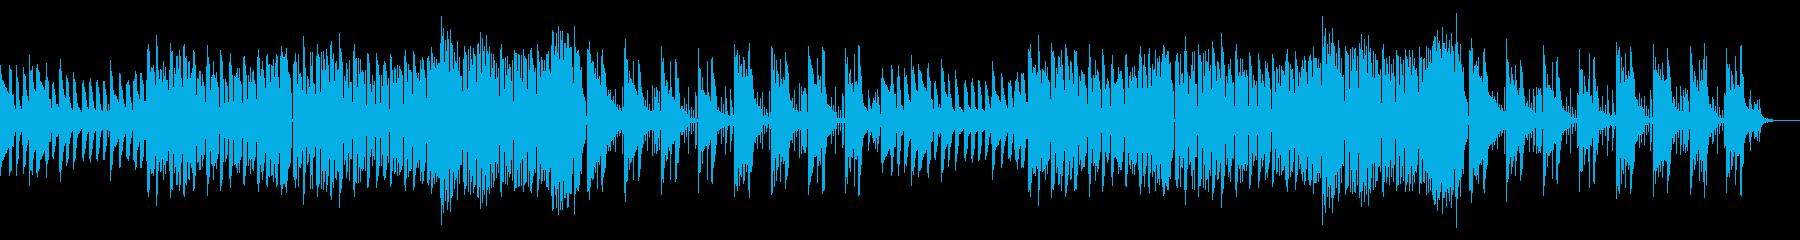 アップテンポなダンスミュージック・2の再生済みの波形